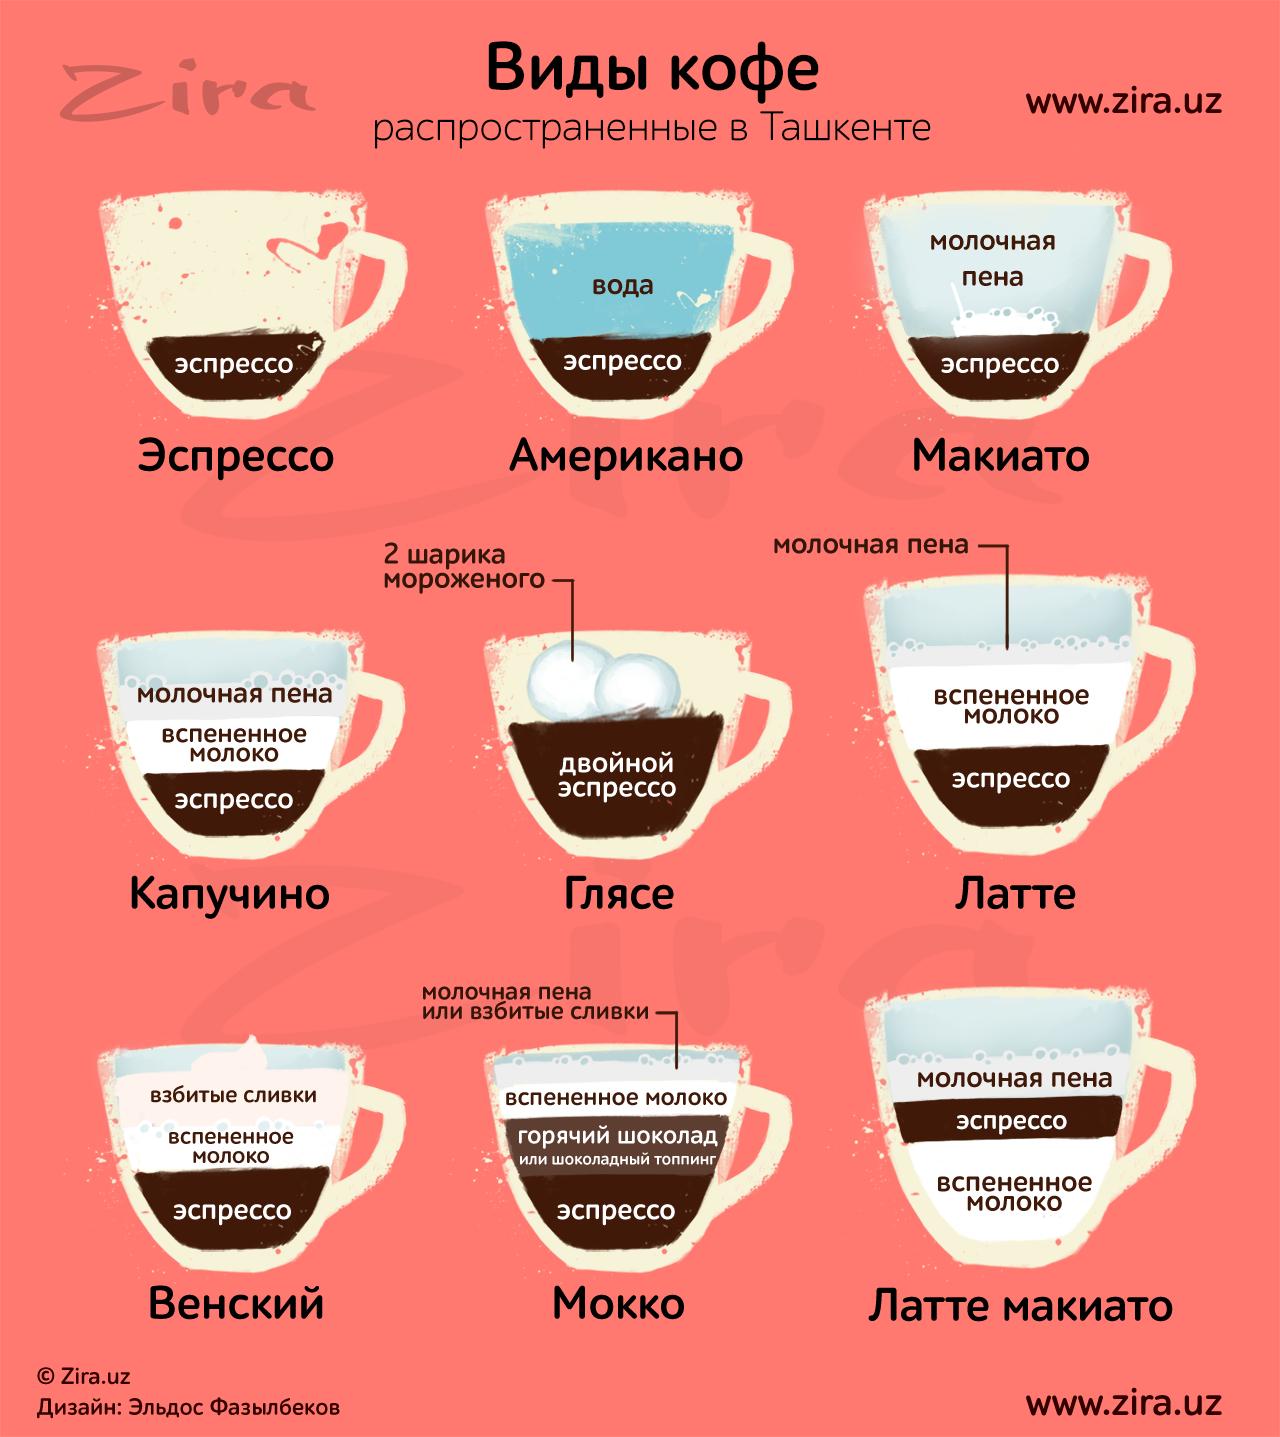 Кофе американо. что это такое, отличие от эспрессо, рецепт, состав, пропорции, как готовить с молоком и без, сливками, сахаром, сиропом